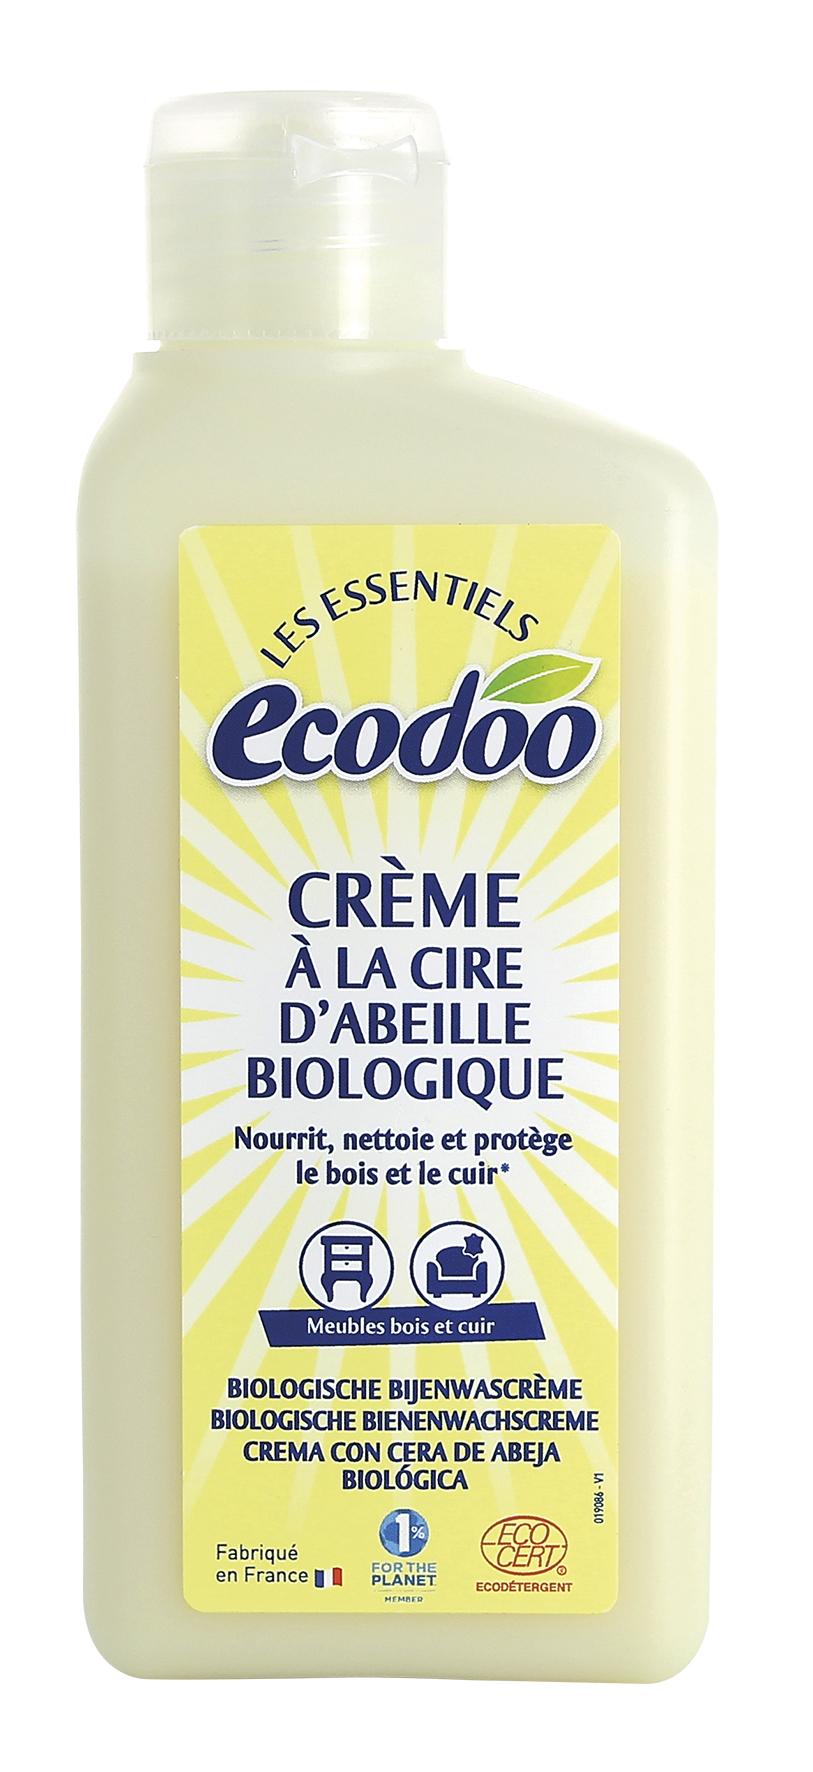 Crème à la cire d'abeille, Ecodoo (250 ml)